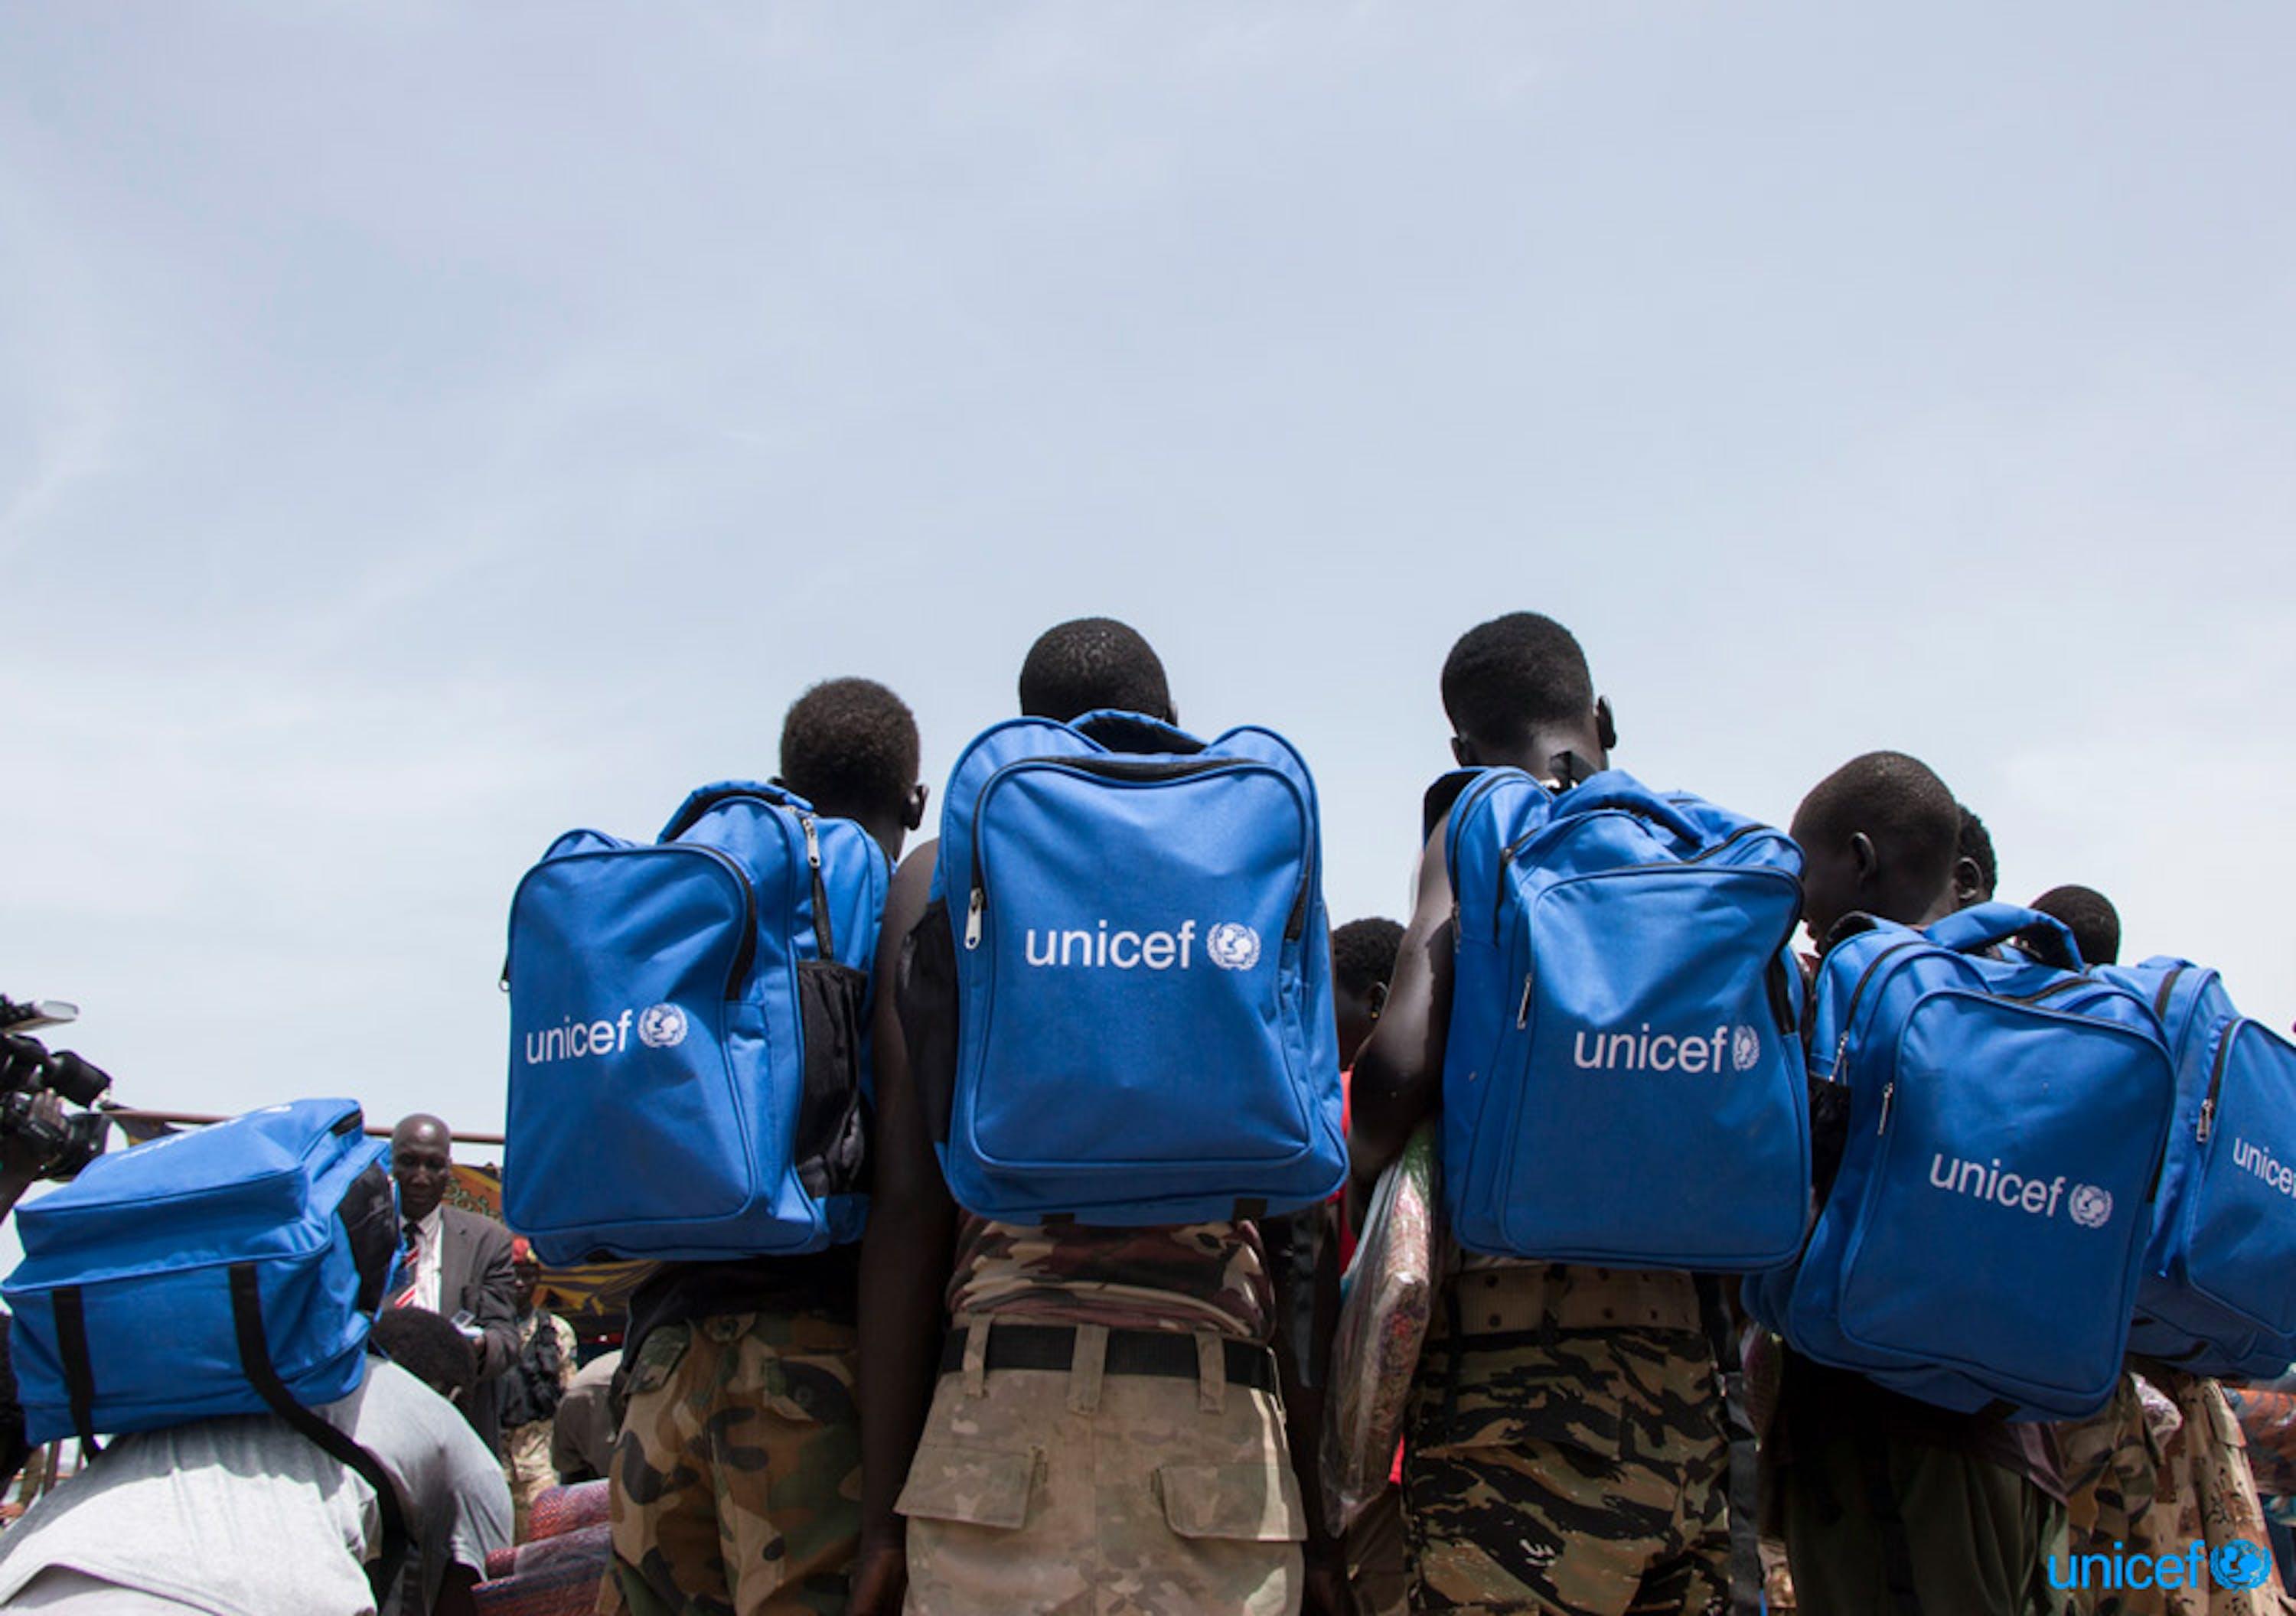 Sud Sudan - un gruppo di bambini appena rilasciato dai gruppi armati con gli zaini scolastici dell'UNICEF appena ricevuti durante la cerimonia - © UNICEF/UN0209625/Cho